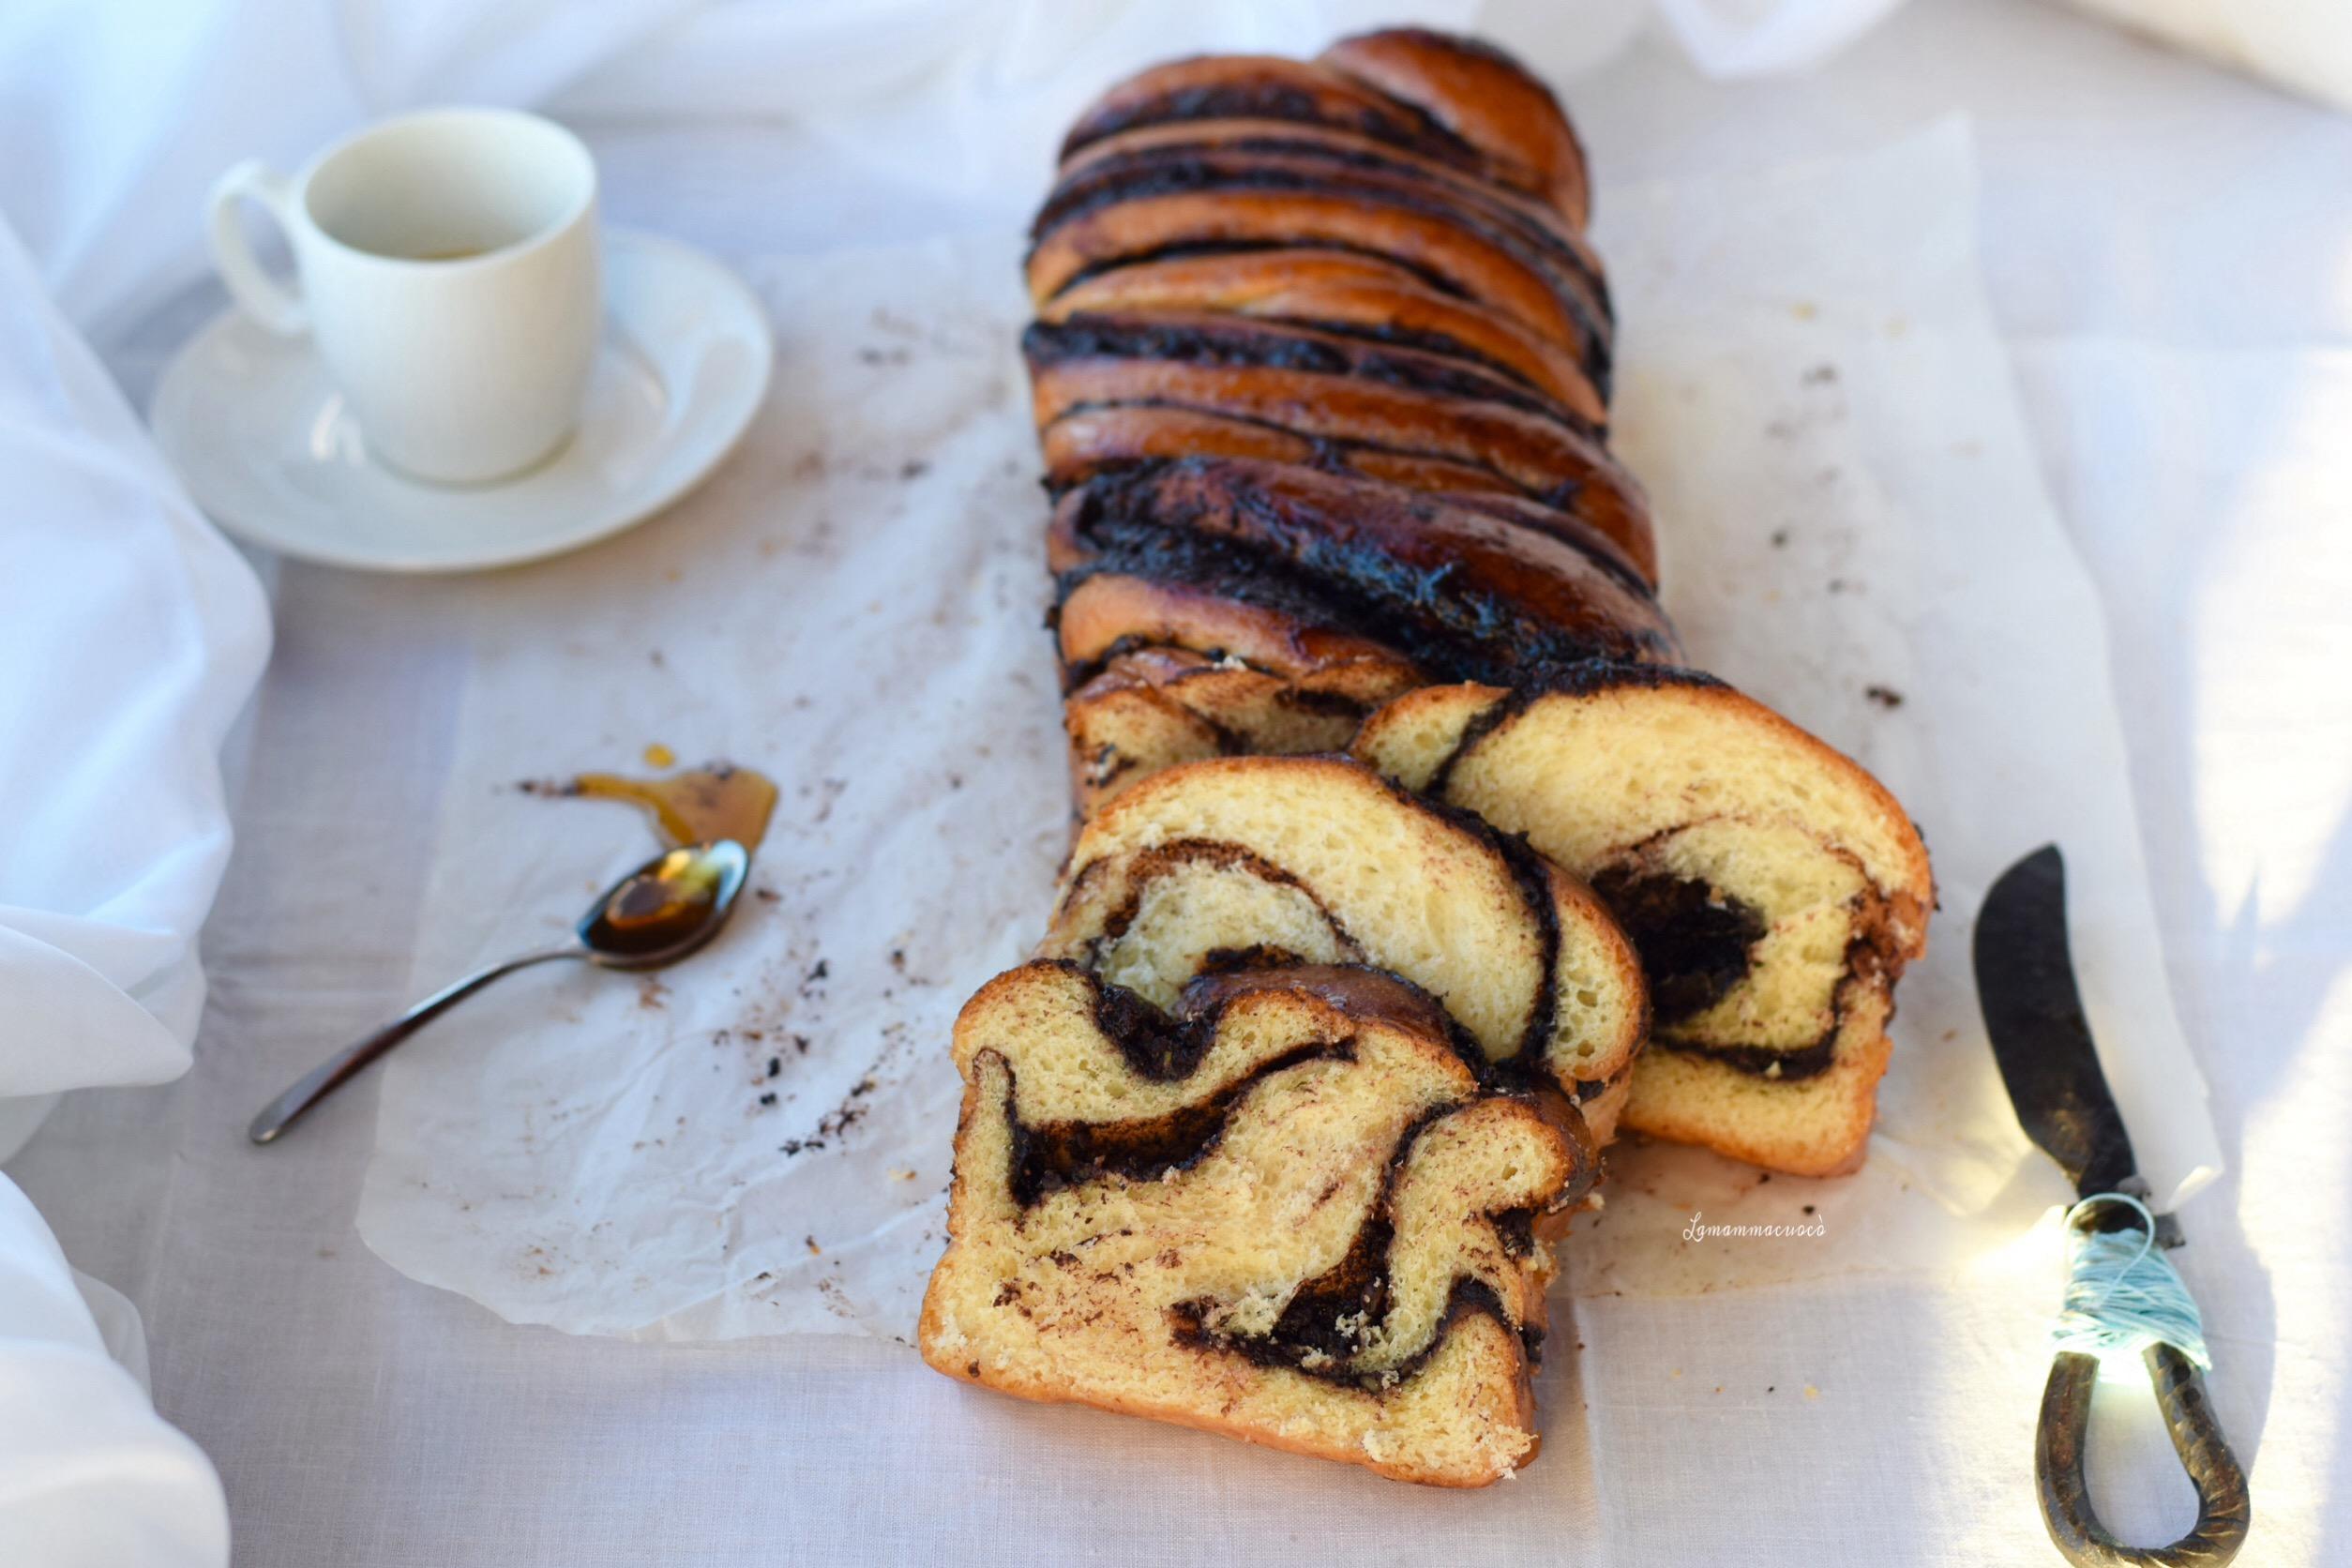 babka al cioccolato fondente e pistacchi